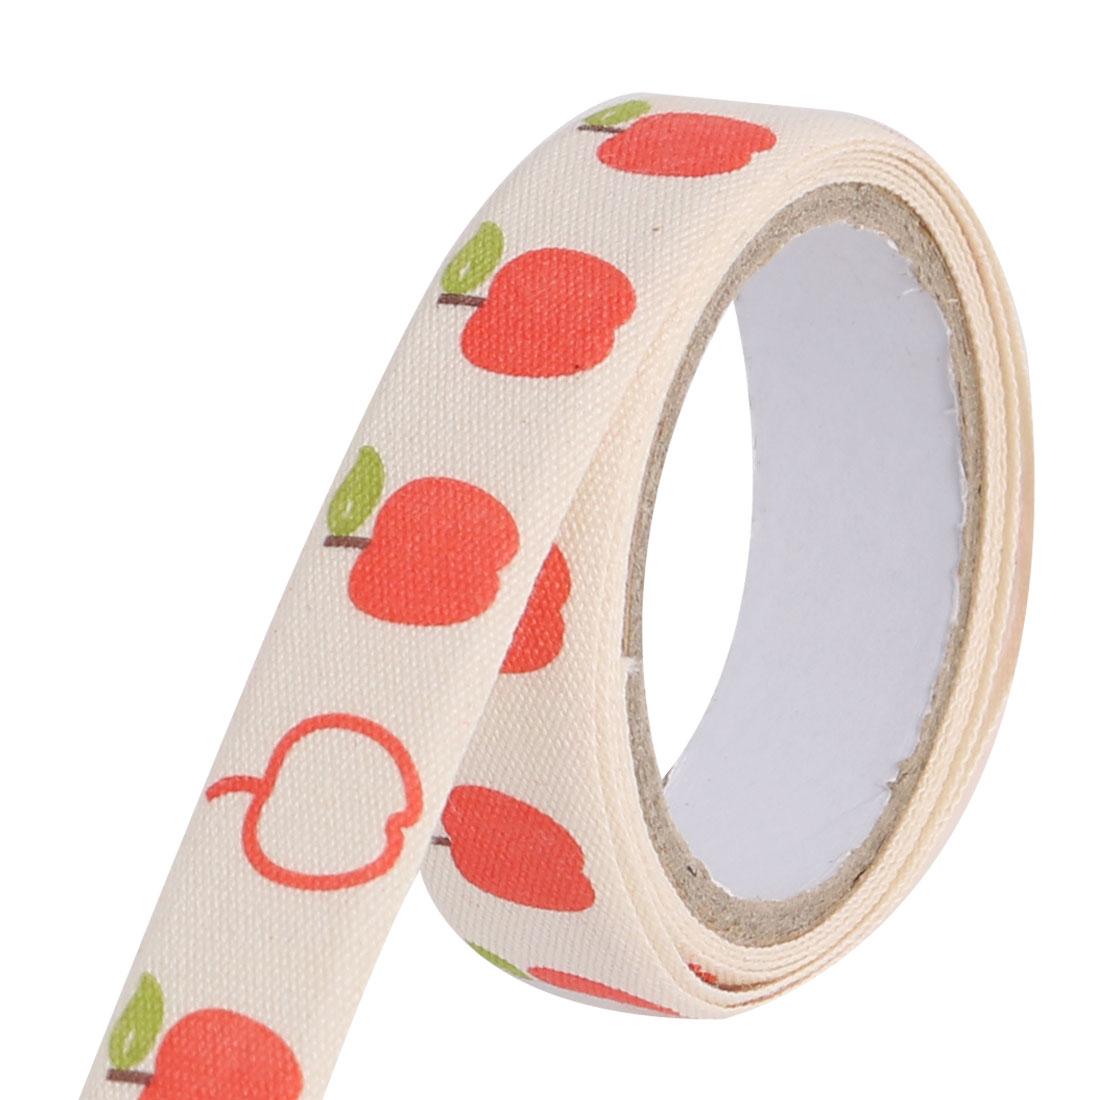 Apple Pattern DIY Scrapbooking Decorative Sticky Tape Stationary Sticker Roll